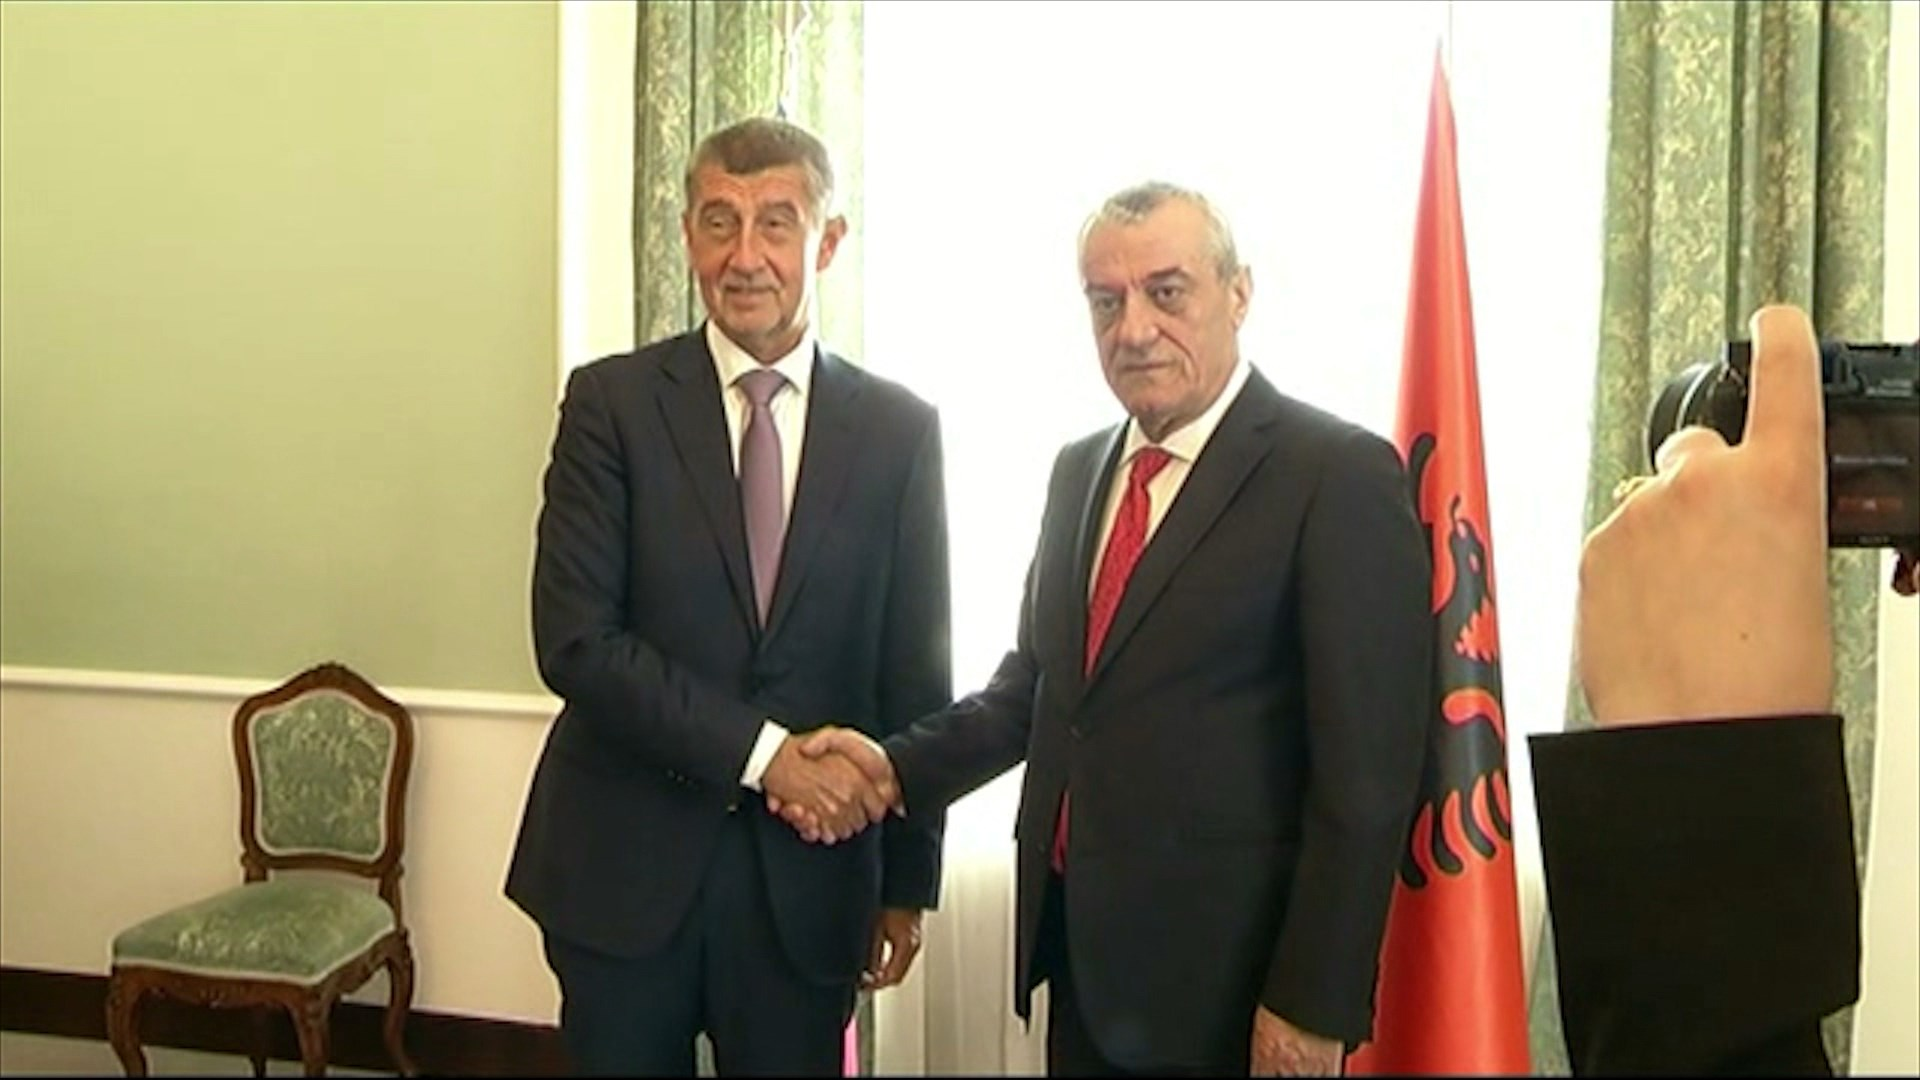 Ruçi vizitë në Pragë, merr mbështetjen për hapjen e negociatave